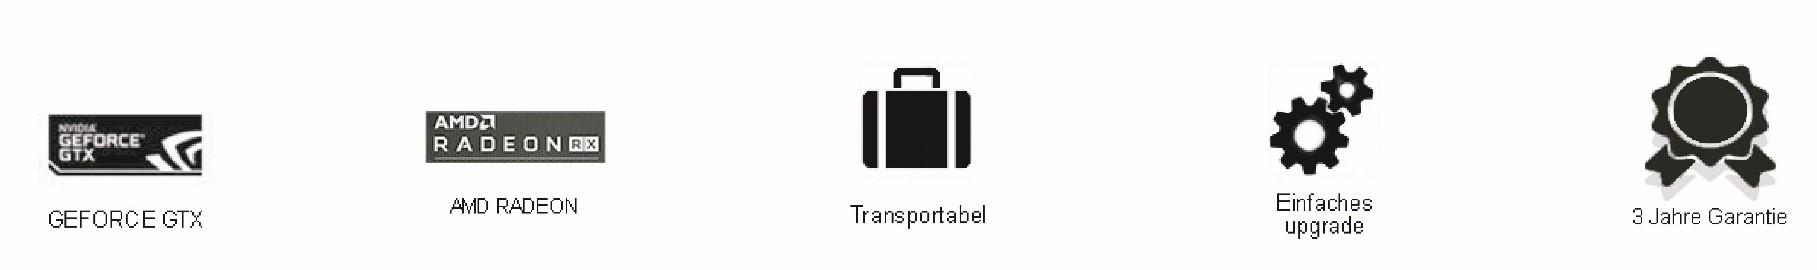 https://www.bleujour.com/wp-content/uploads/2020/06/move-u-bandeau-de.jpg